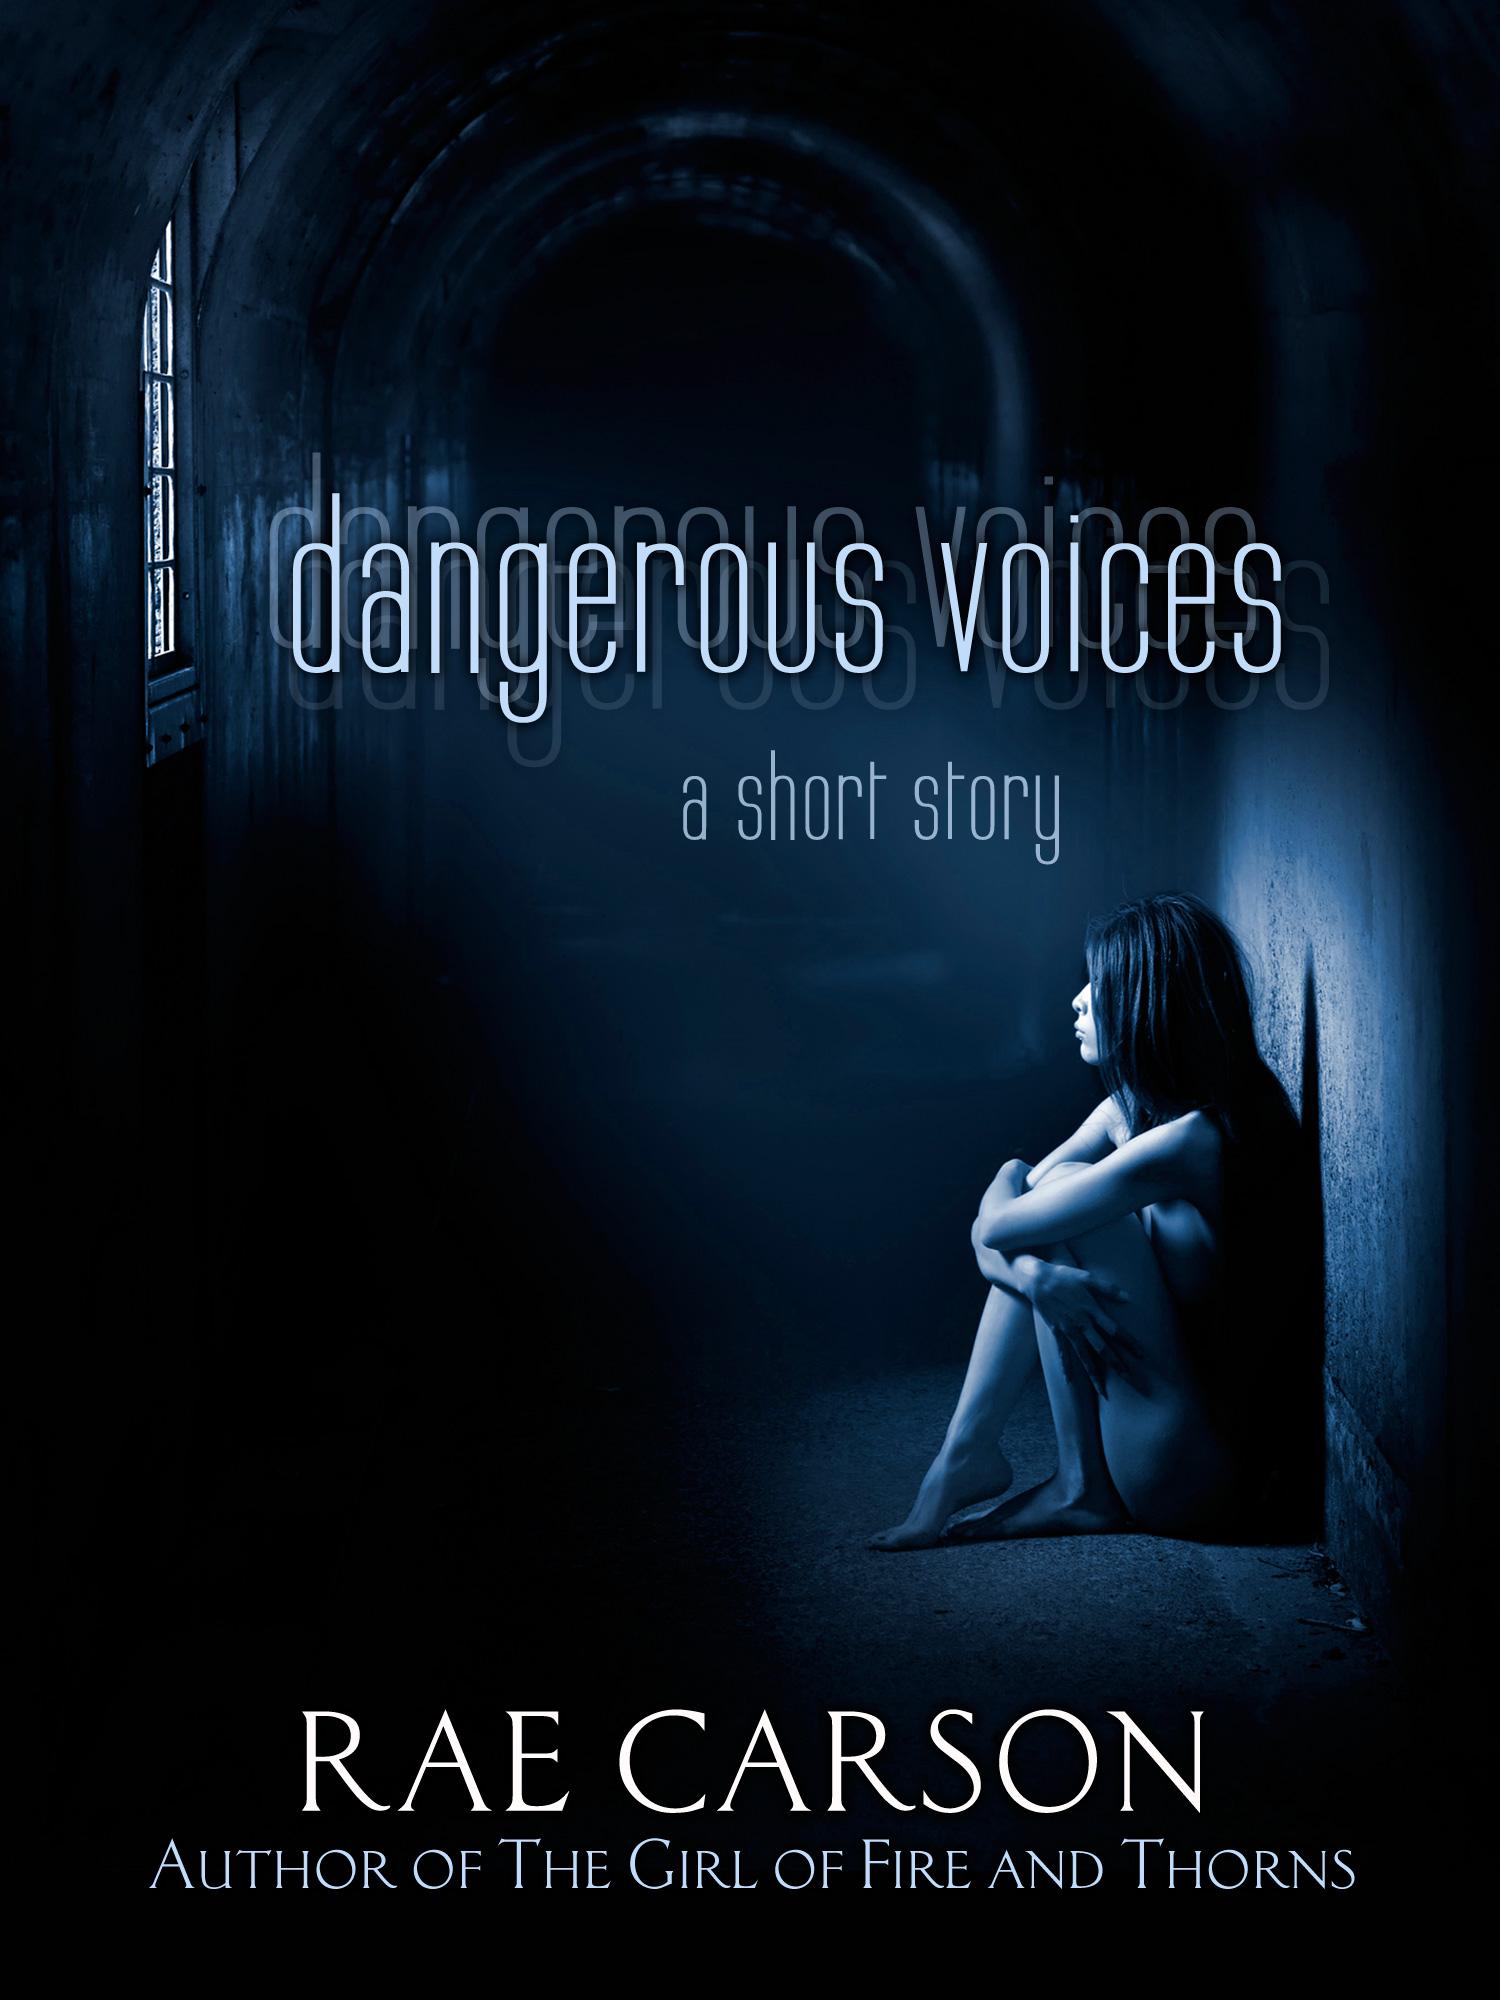 DangerousVoices-Large